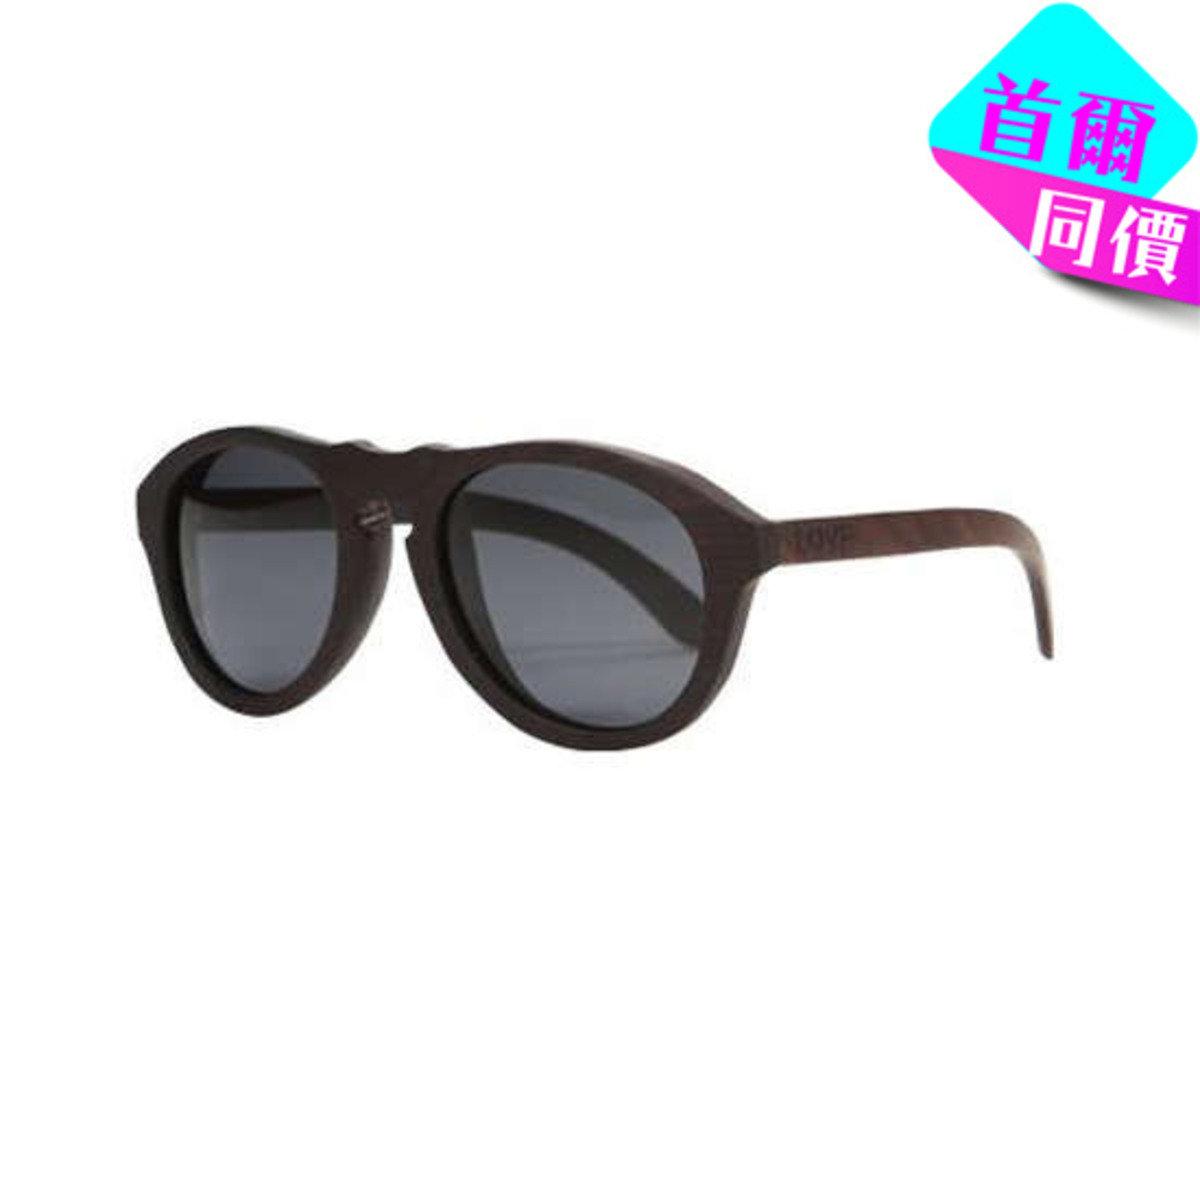 WOLF - 黑色烏木框架太陽眼鏡